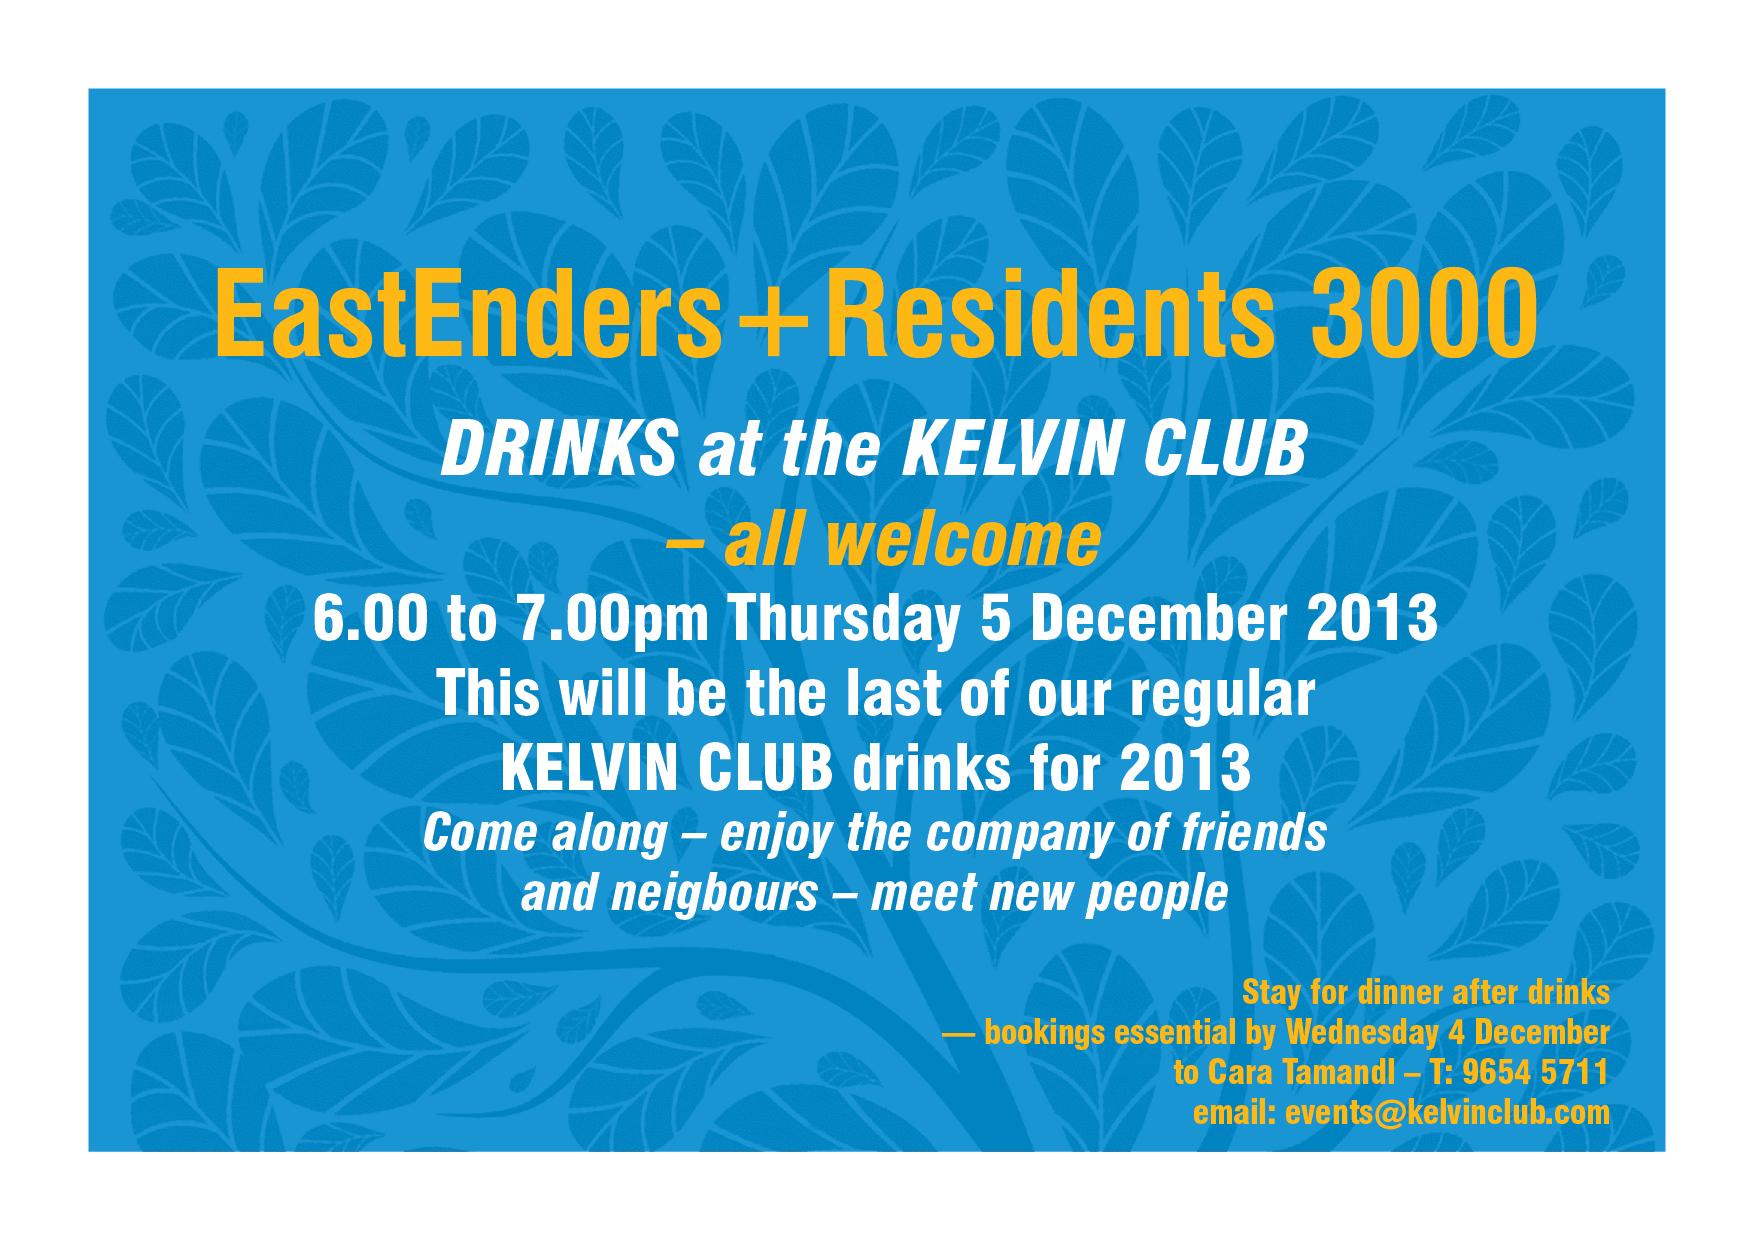 EE+R3000 drinks